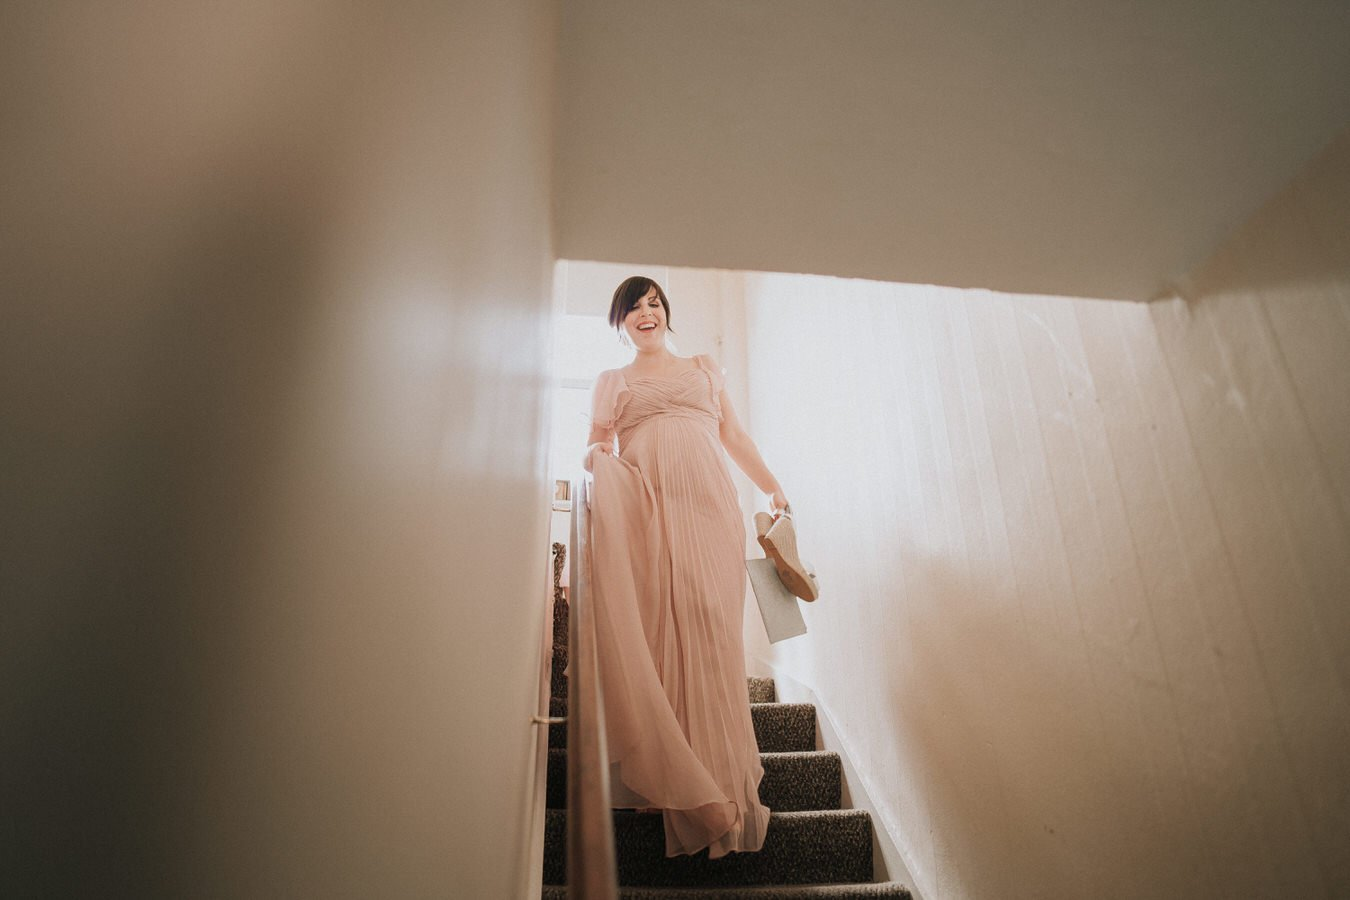 The-Station-House-wedding-Dublin-photographer- 0012 13